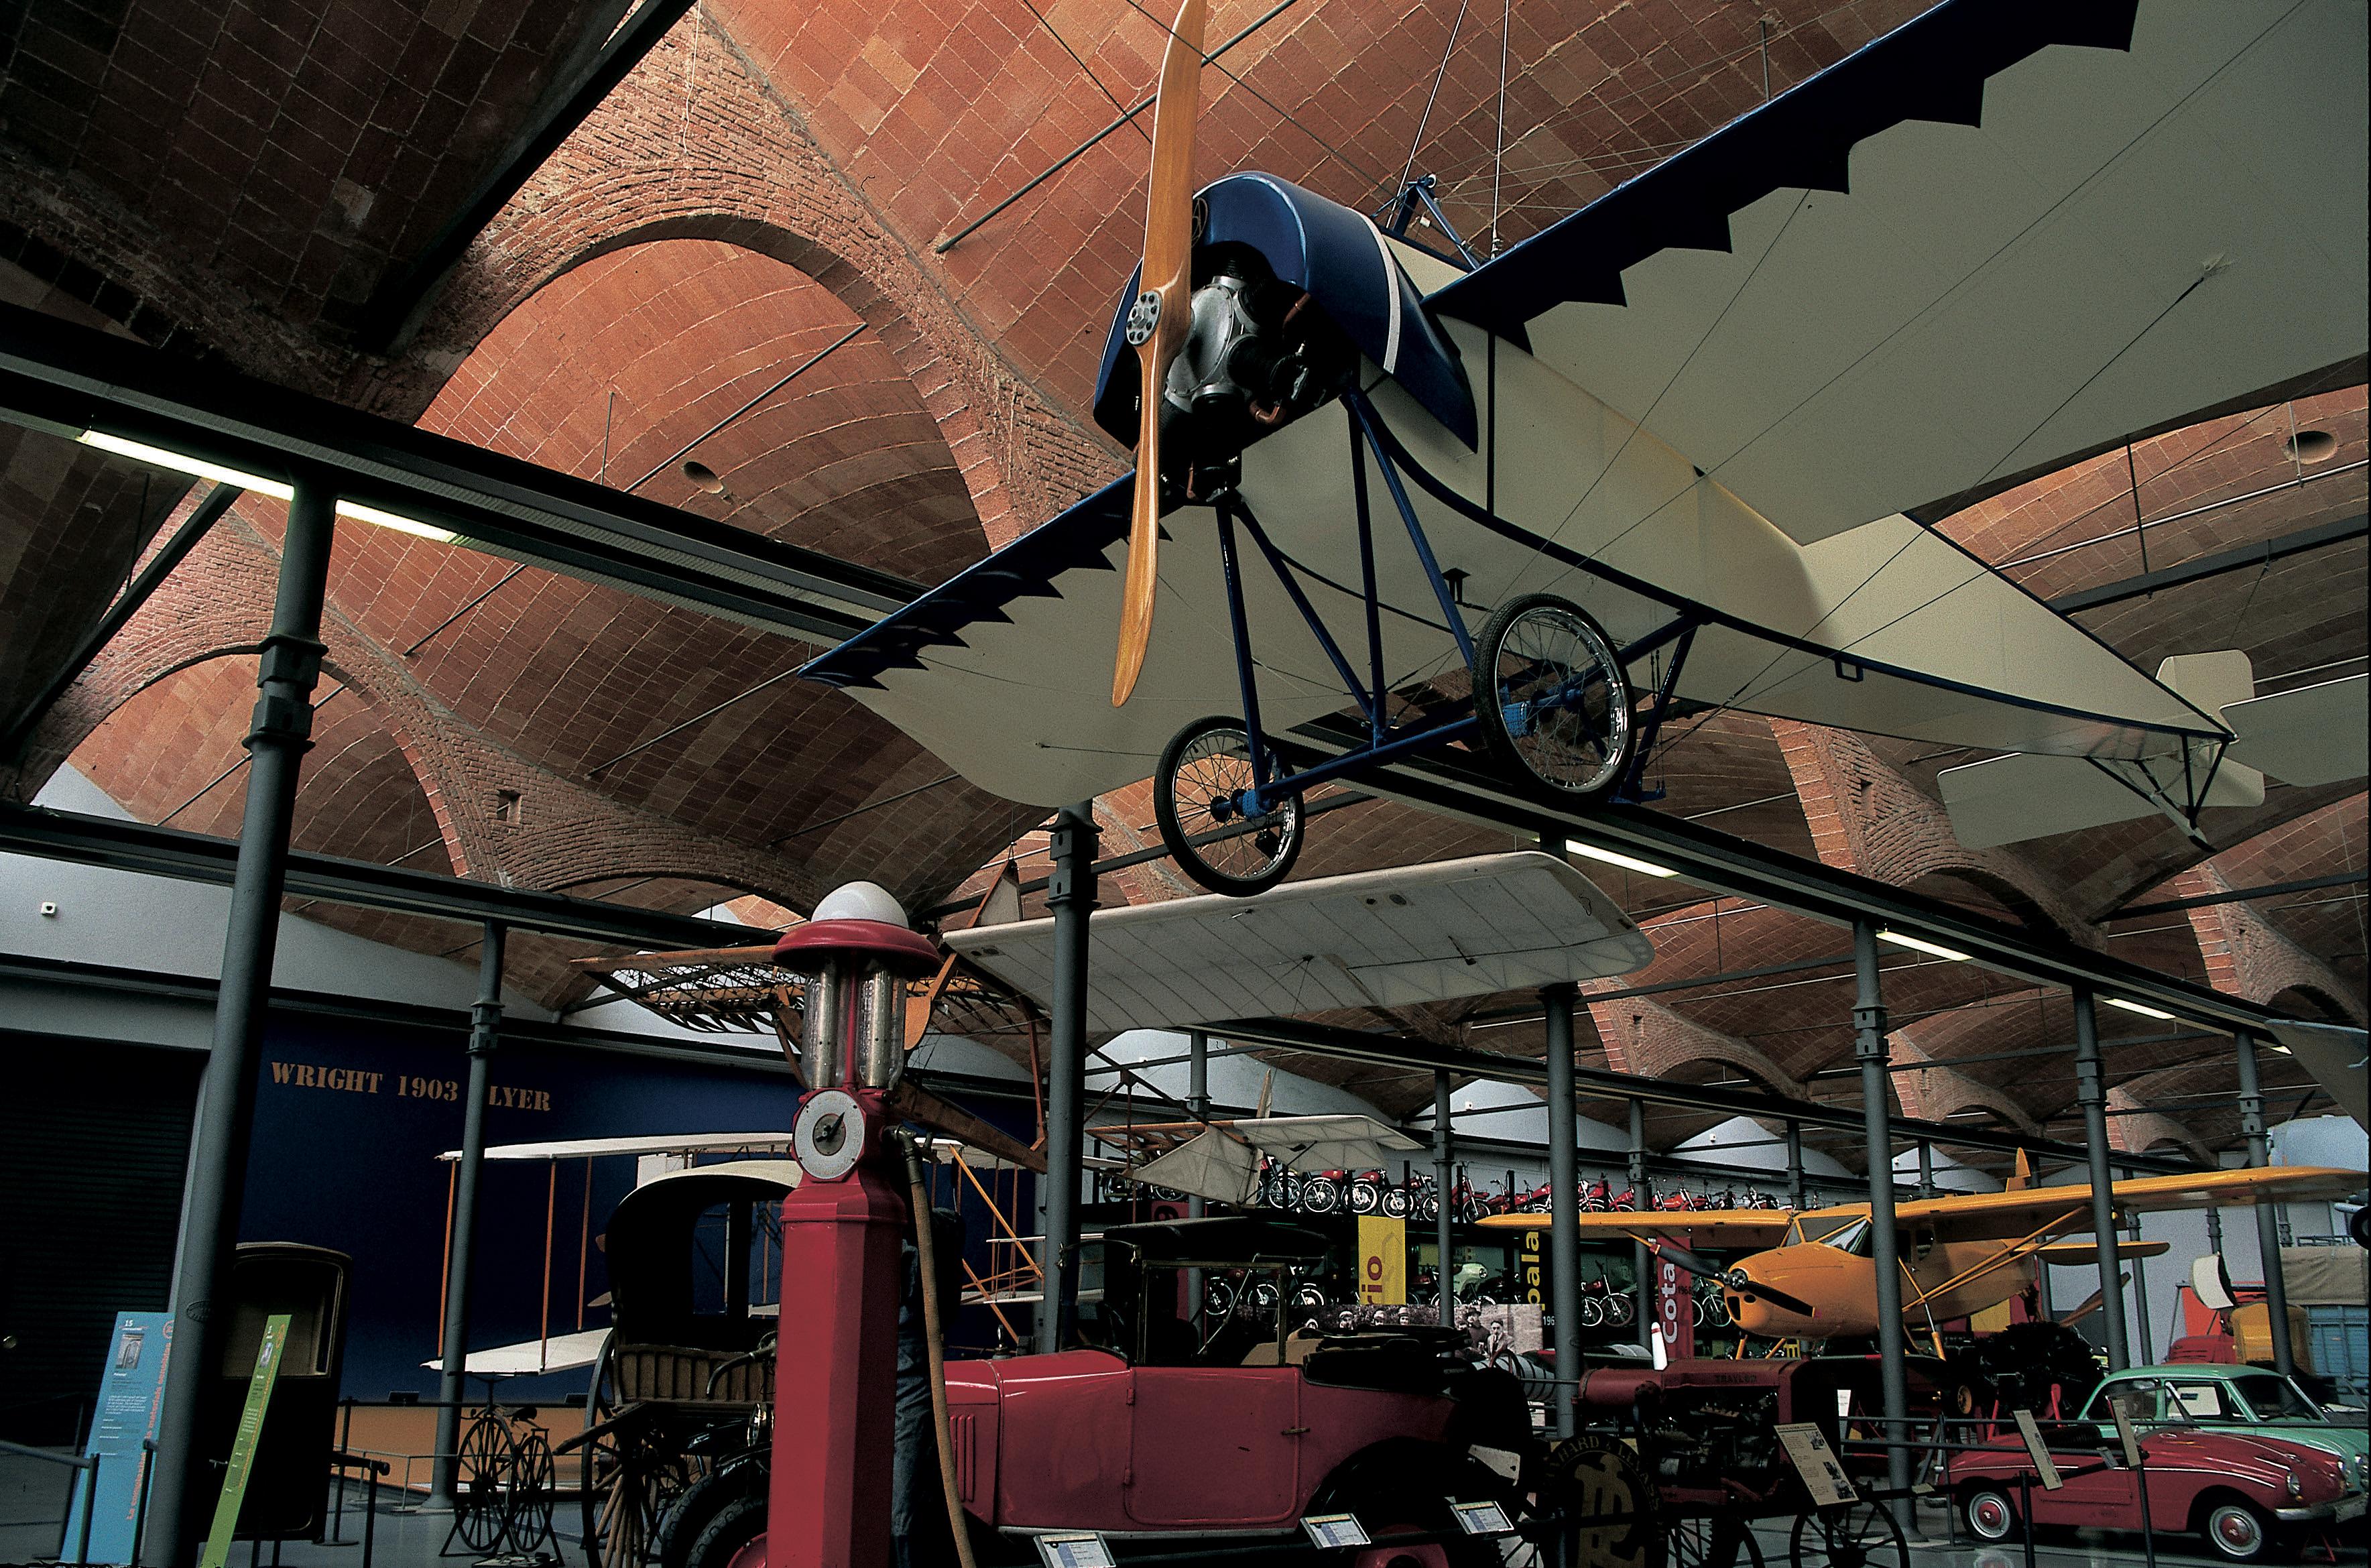 Aéroplane et moyens de transport au Musée de la science et de la technique de Catalogne © Turismo Verde S.L.